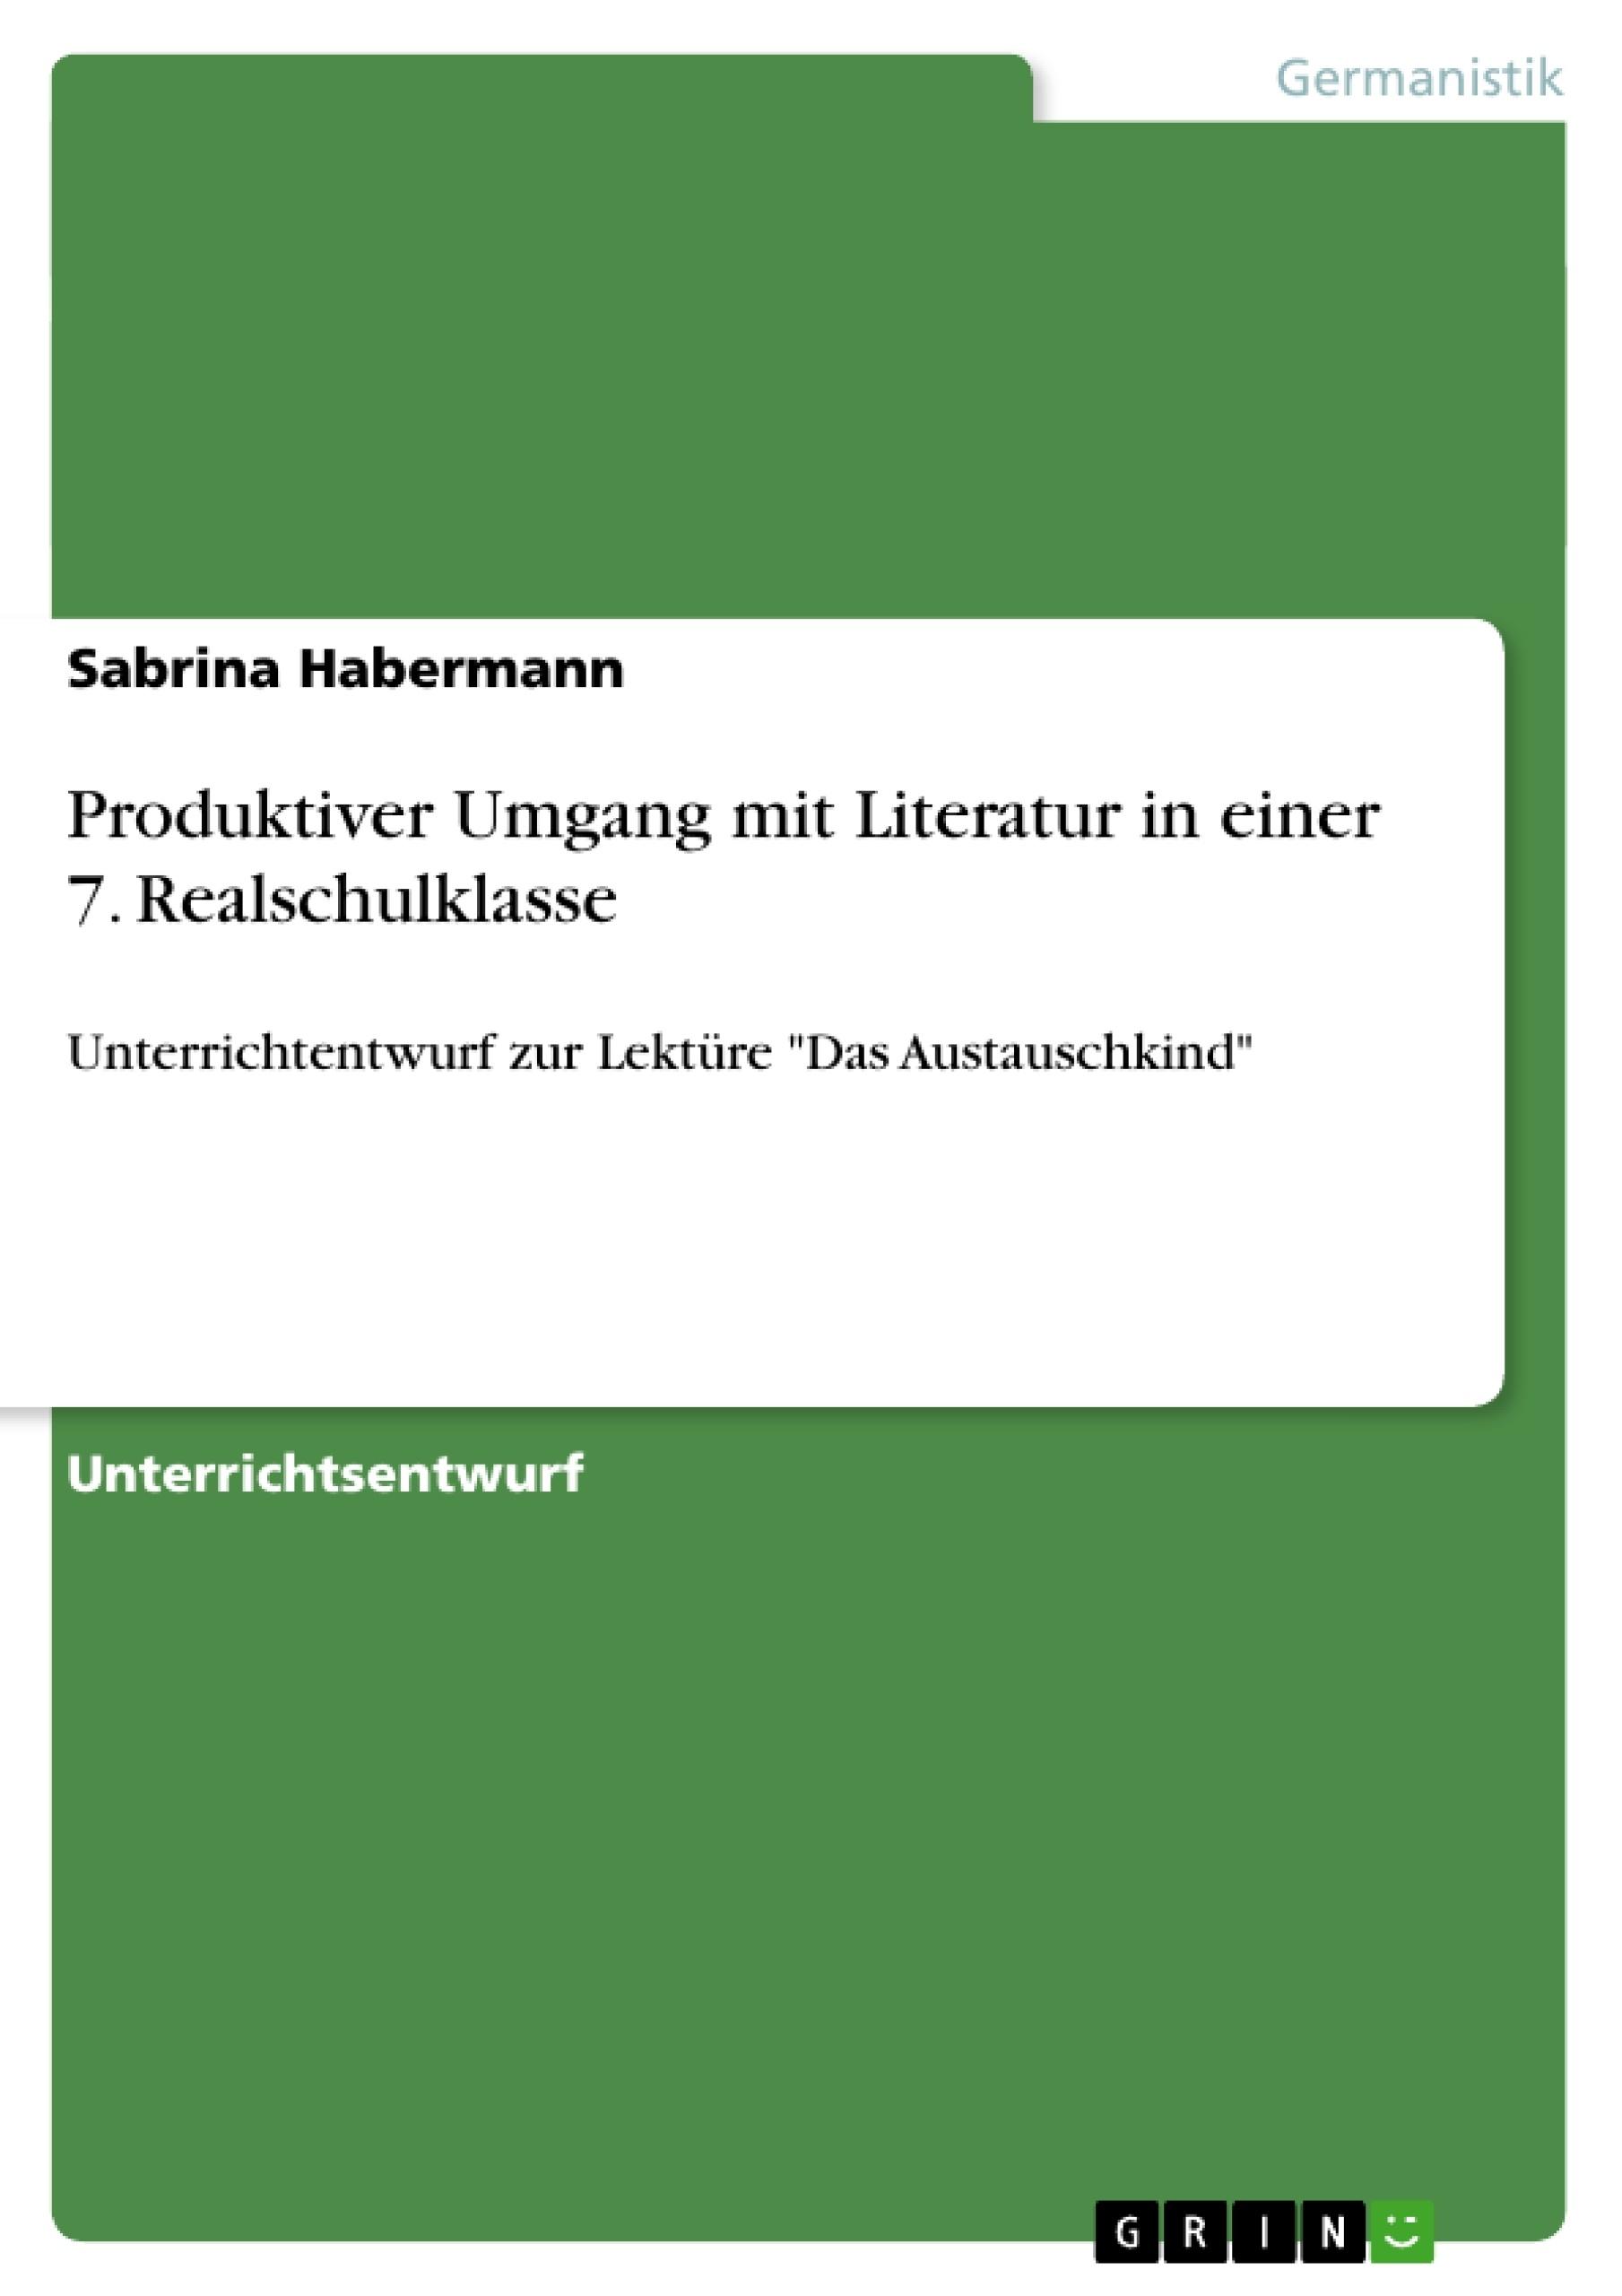 Titel: Produktiver Umgang mit Literatur in einer 7. Realschulklasse